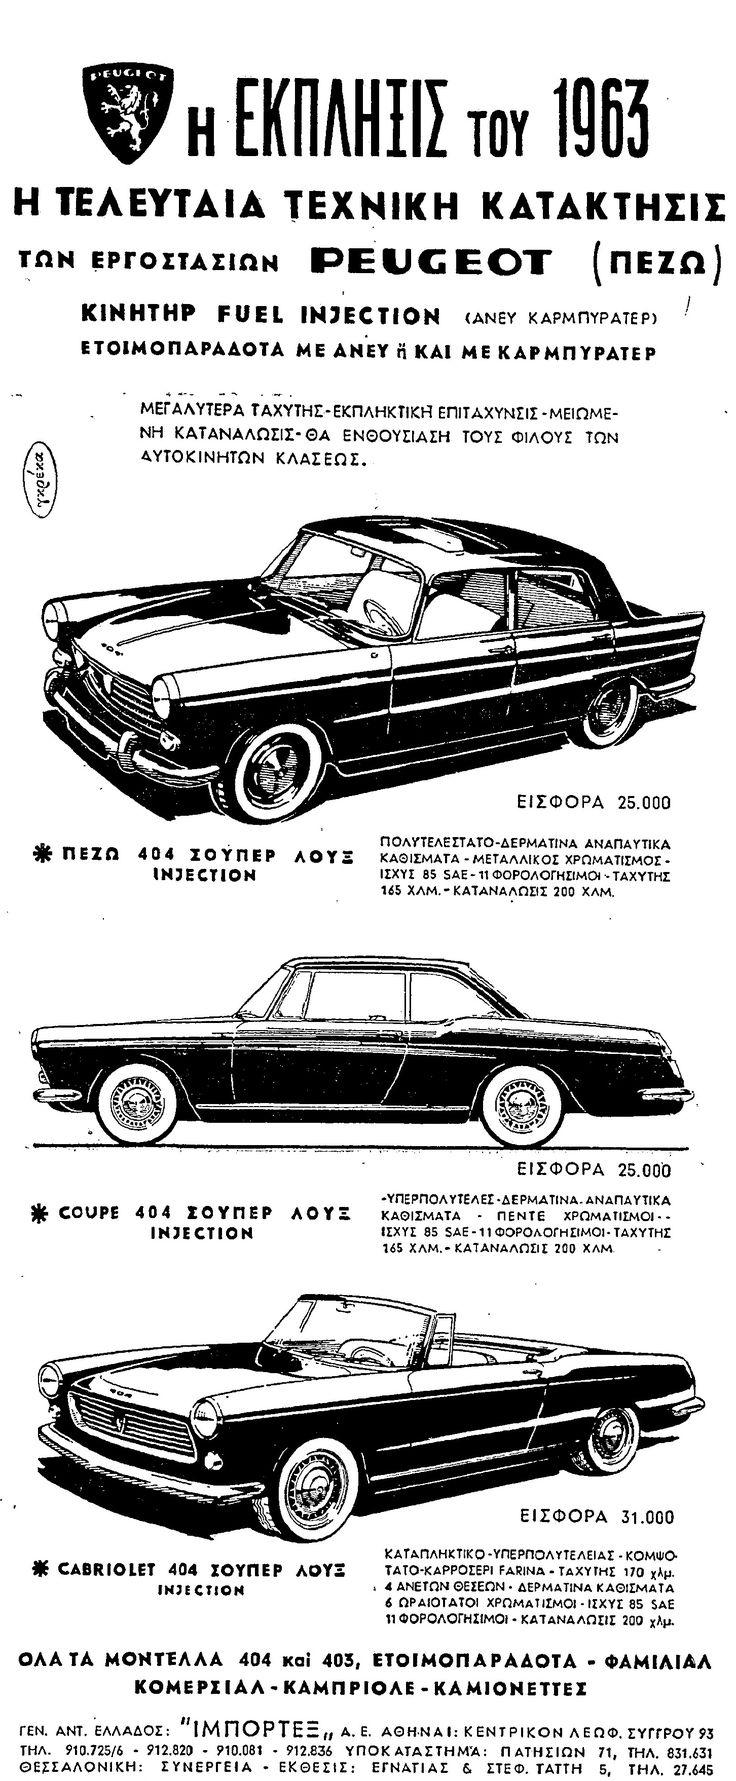 Peugeot, 1963